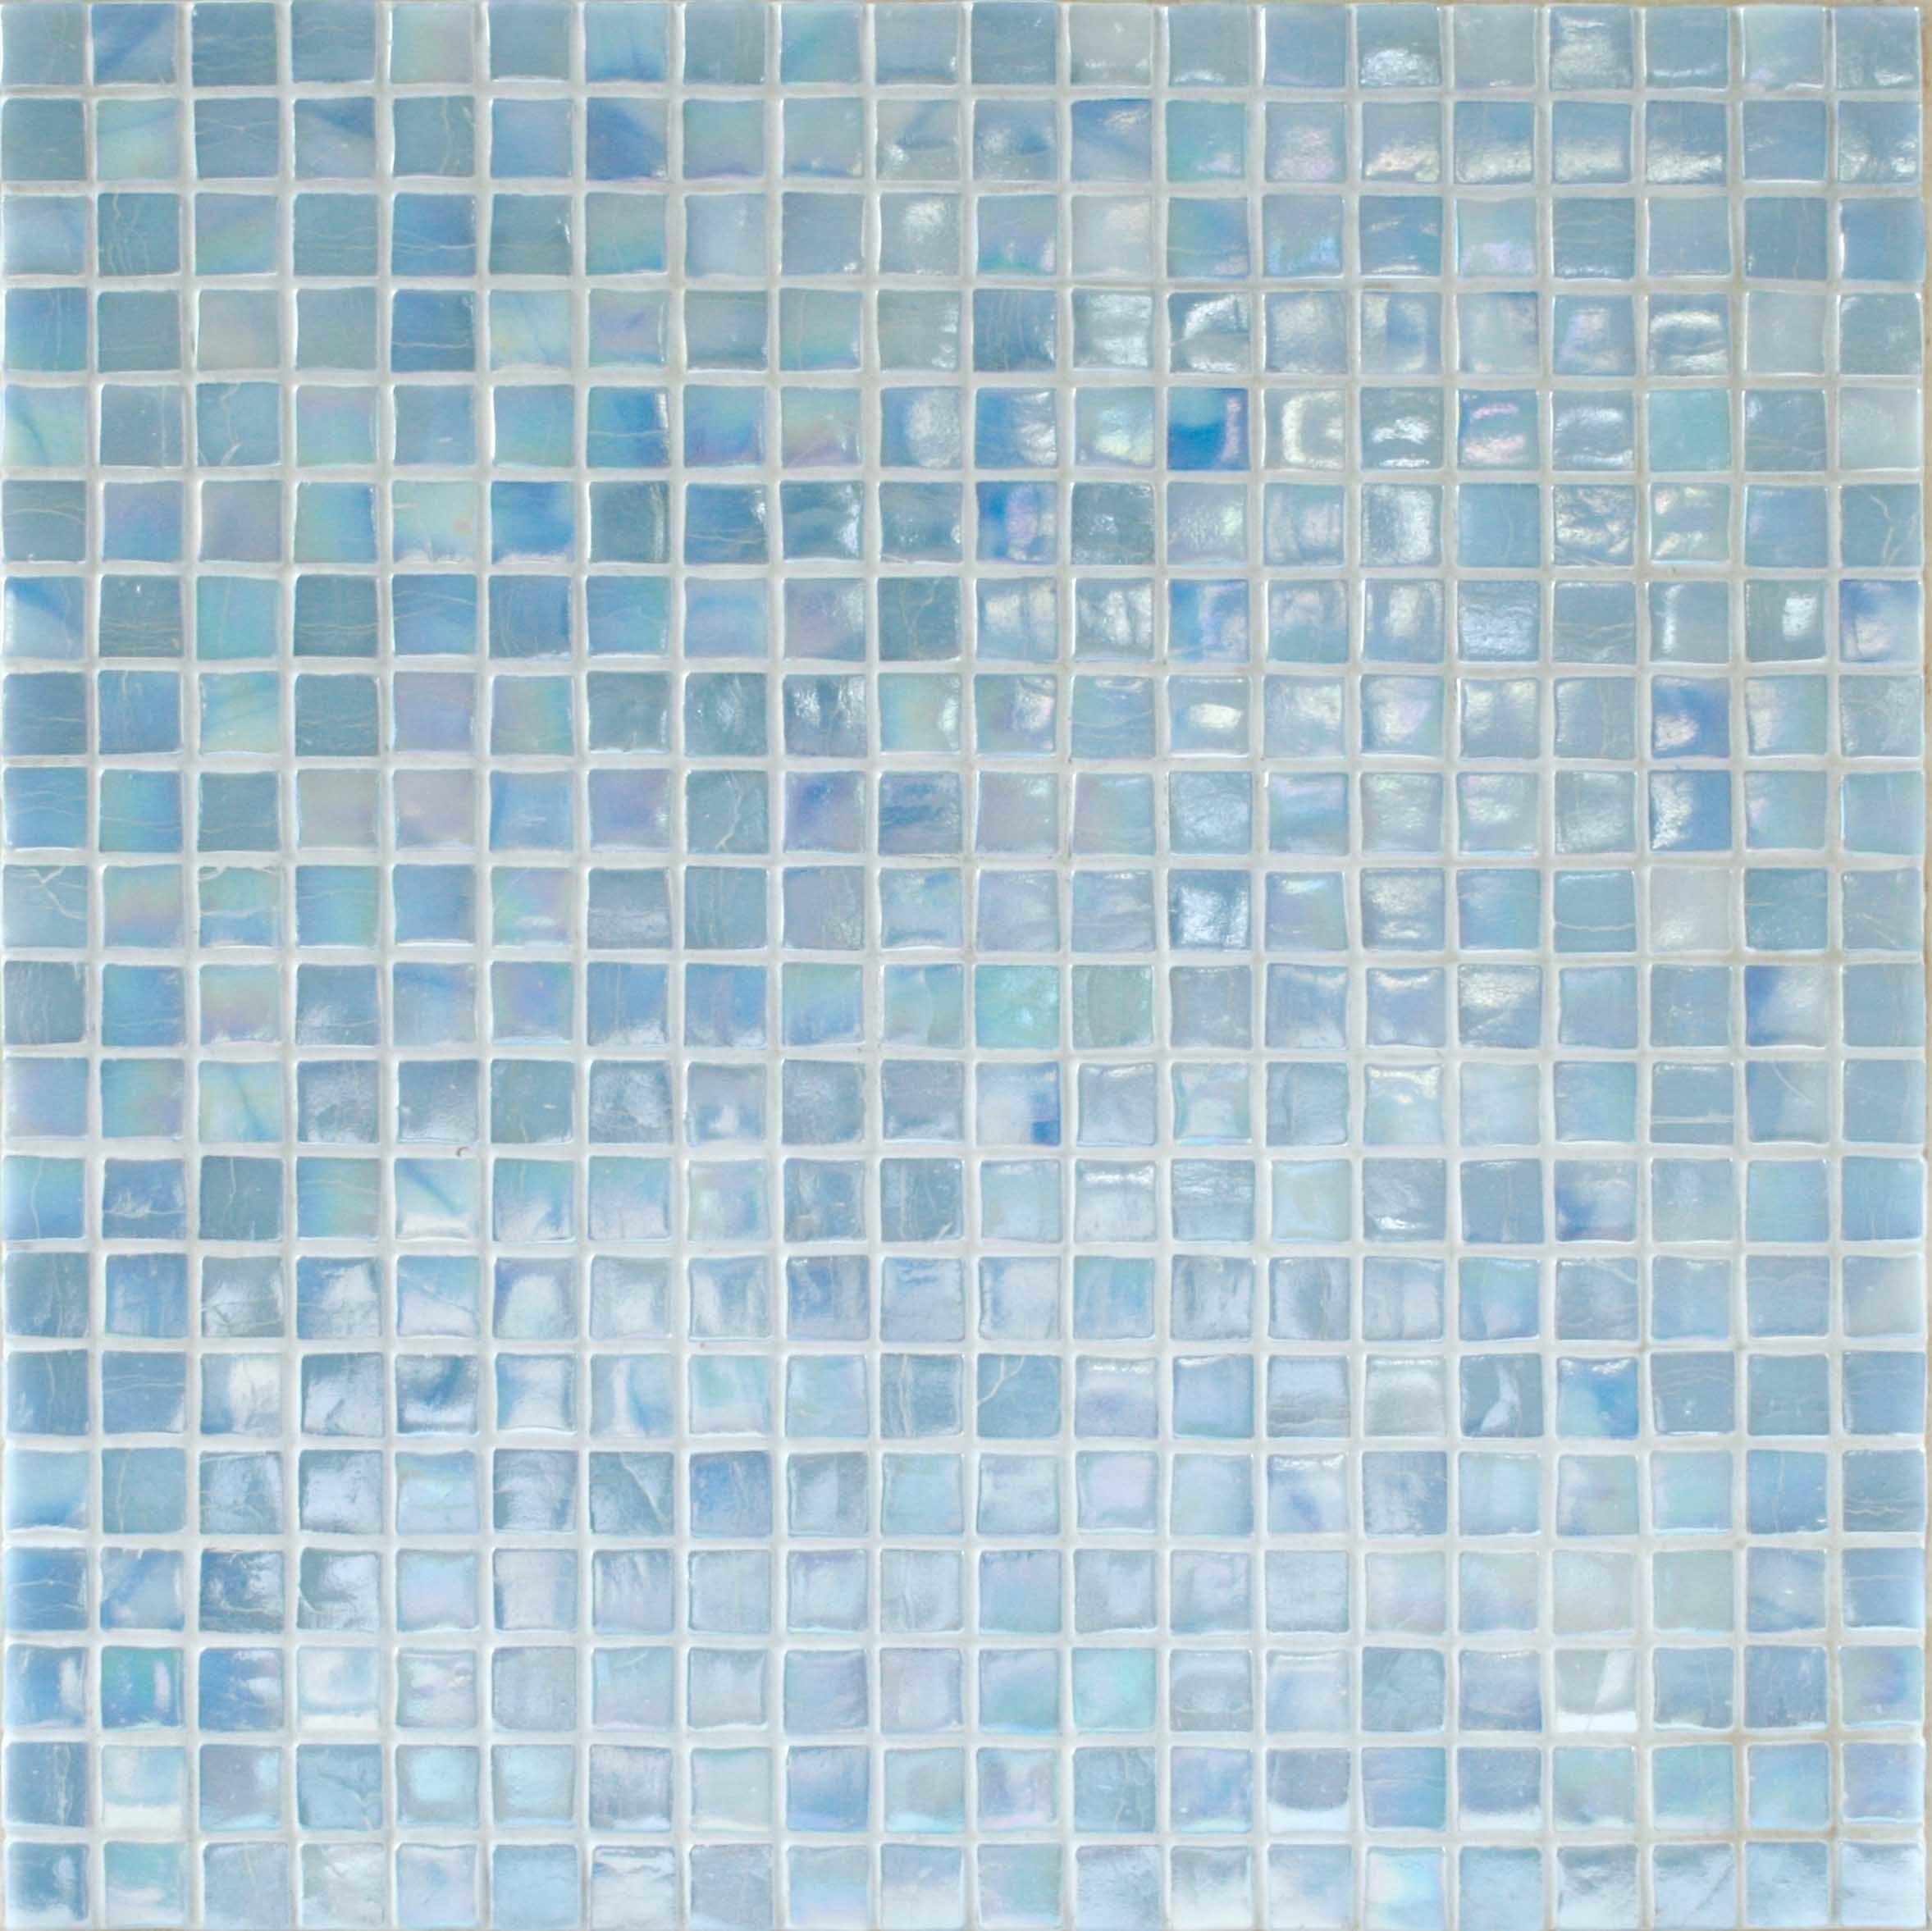 Azulejo de mosaico de cristal para la decoraci n mc911 - Azulejos de cristal ...